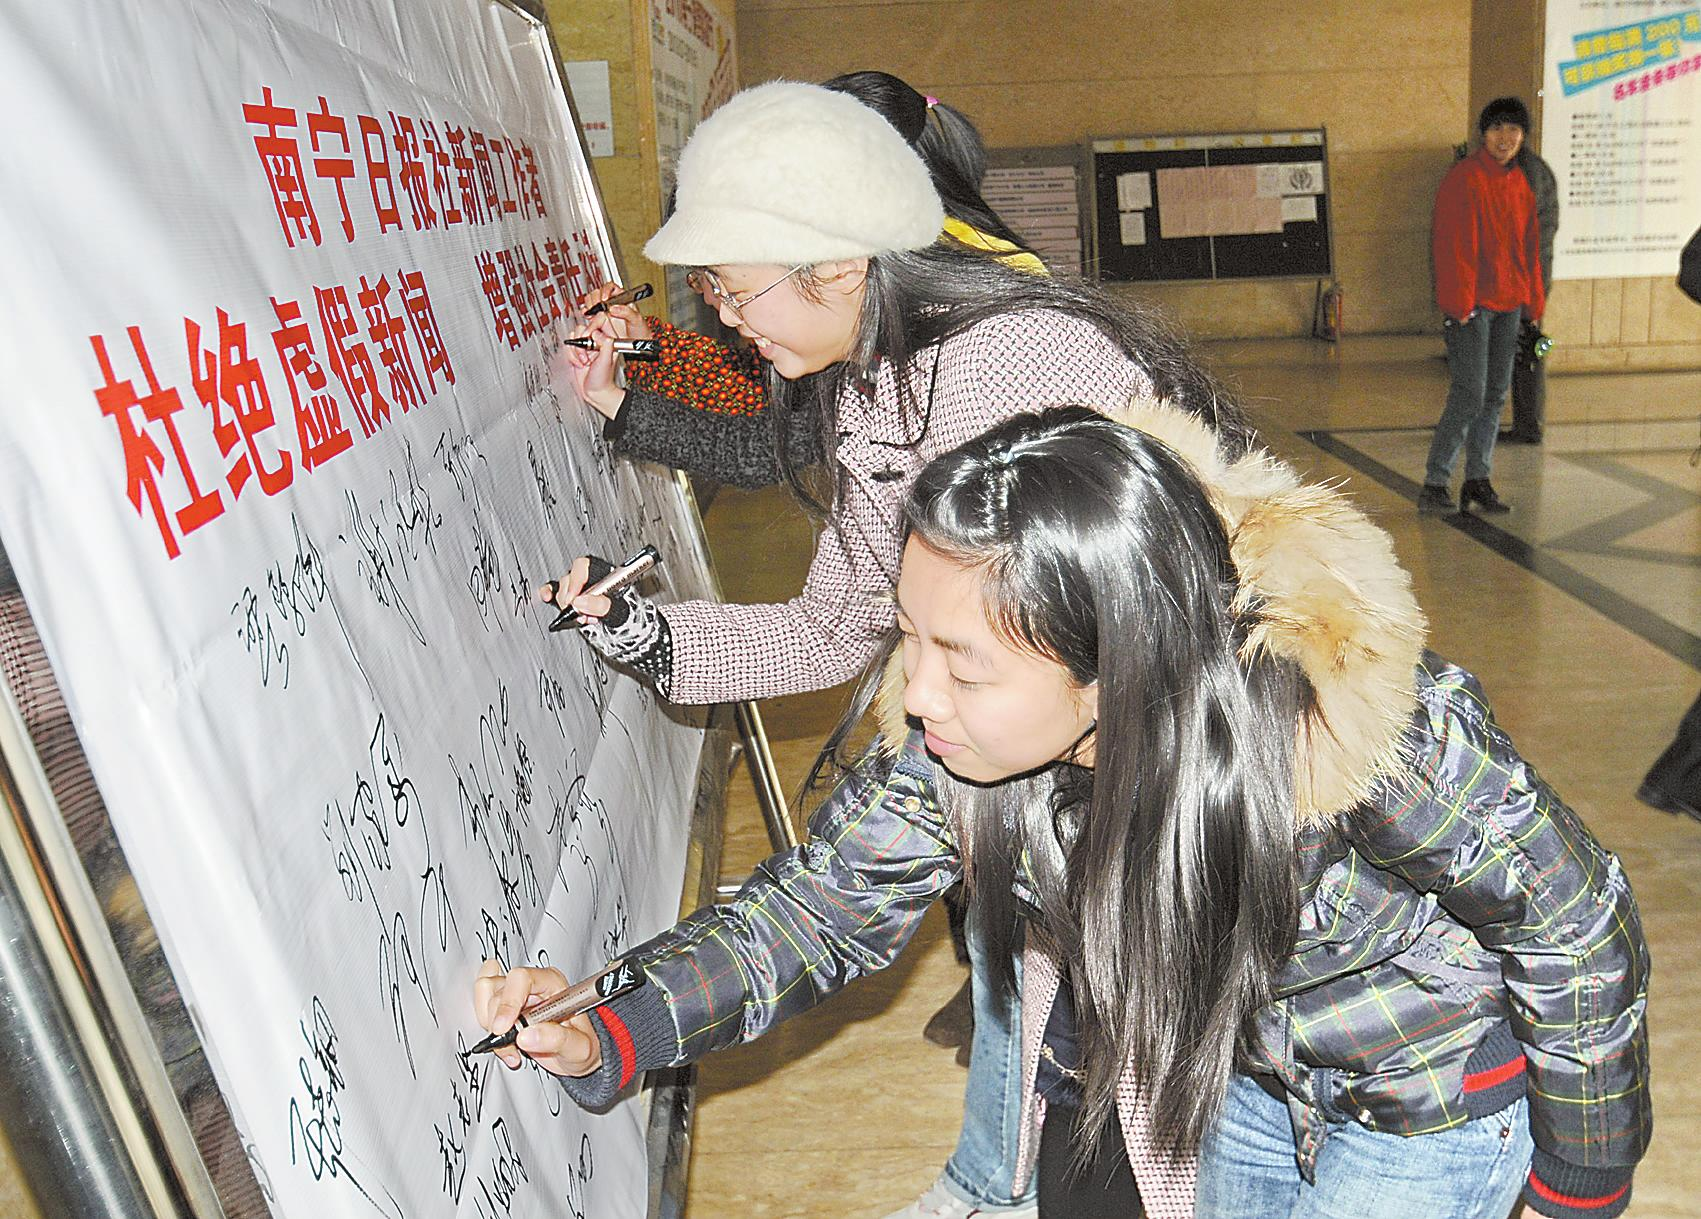 报社新闻采编人员在展板上签名承诺杜绝虚假报道,增强社会责任.